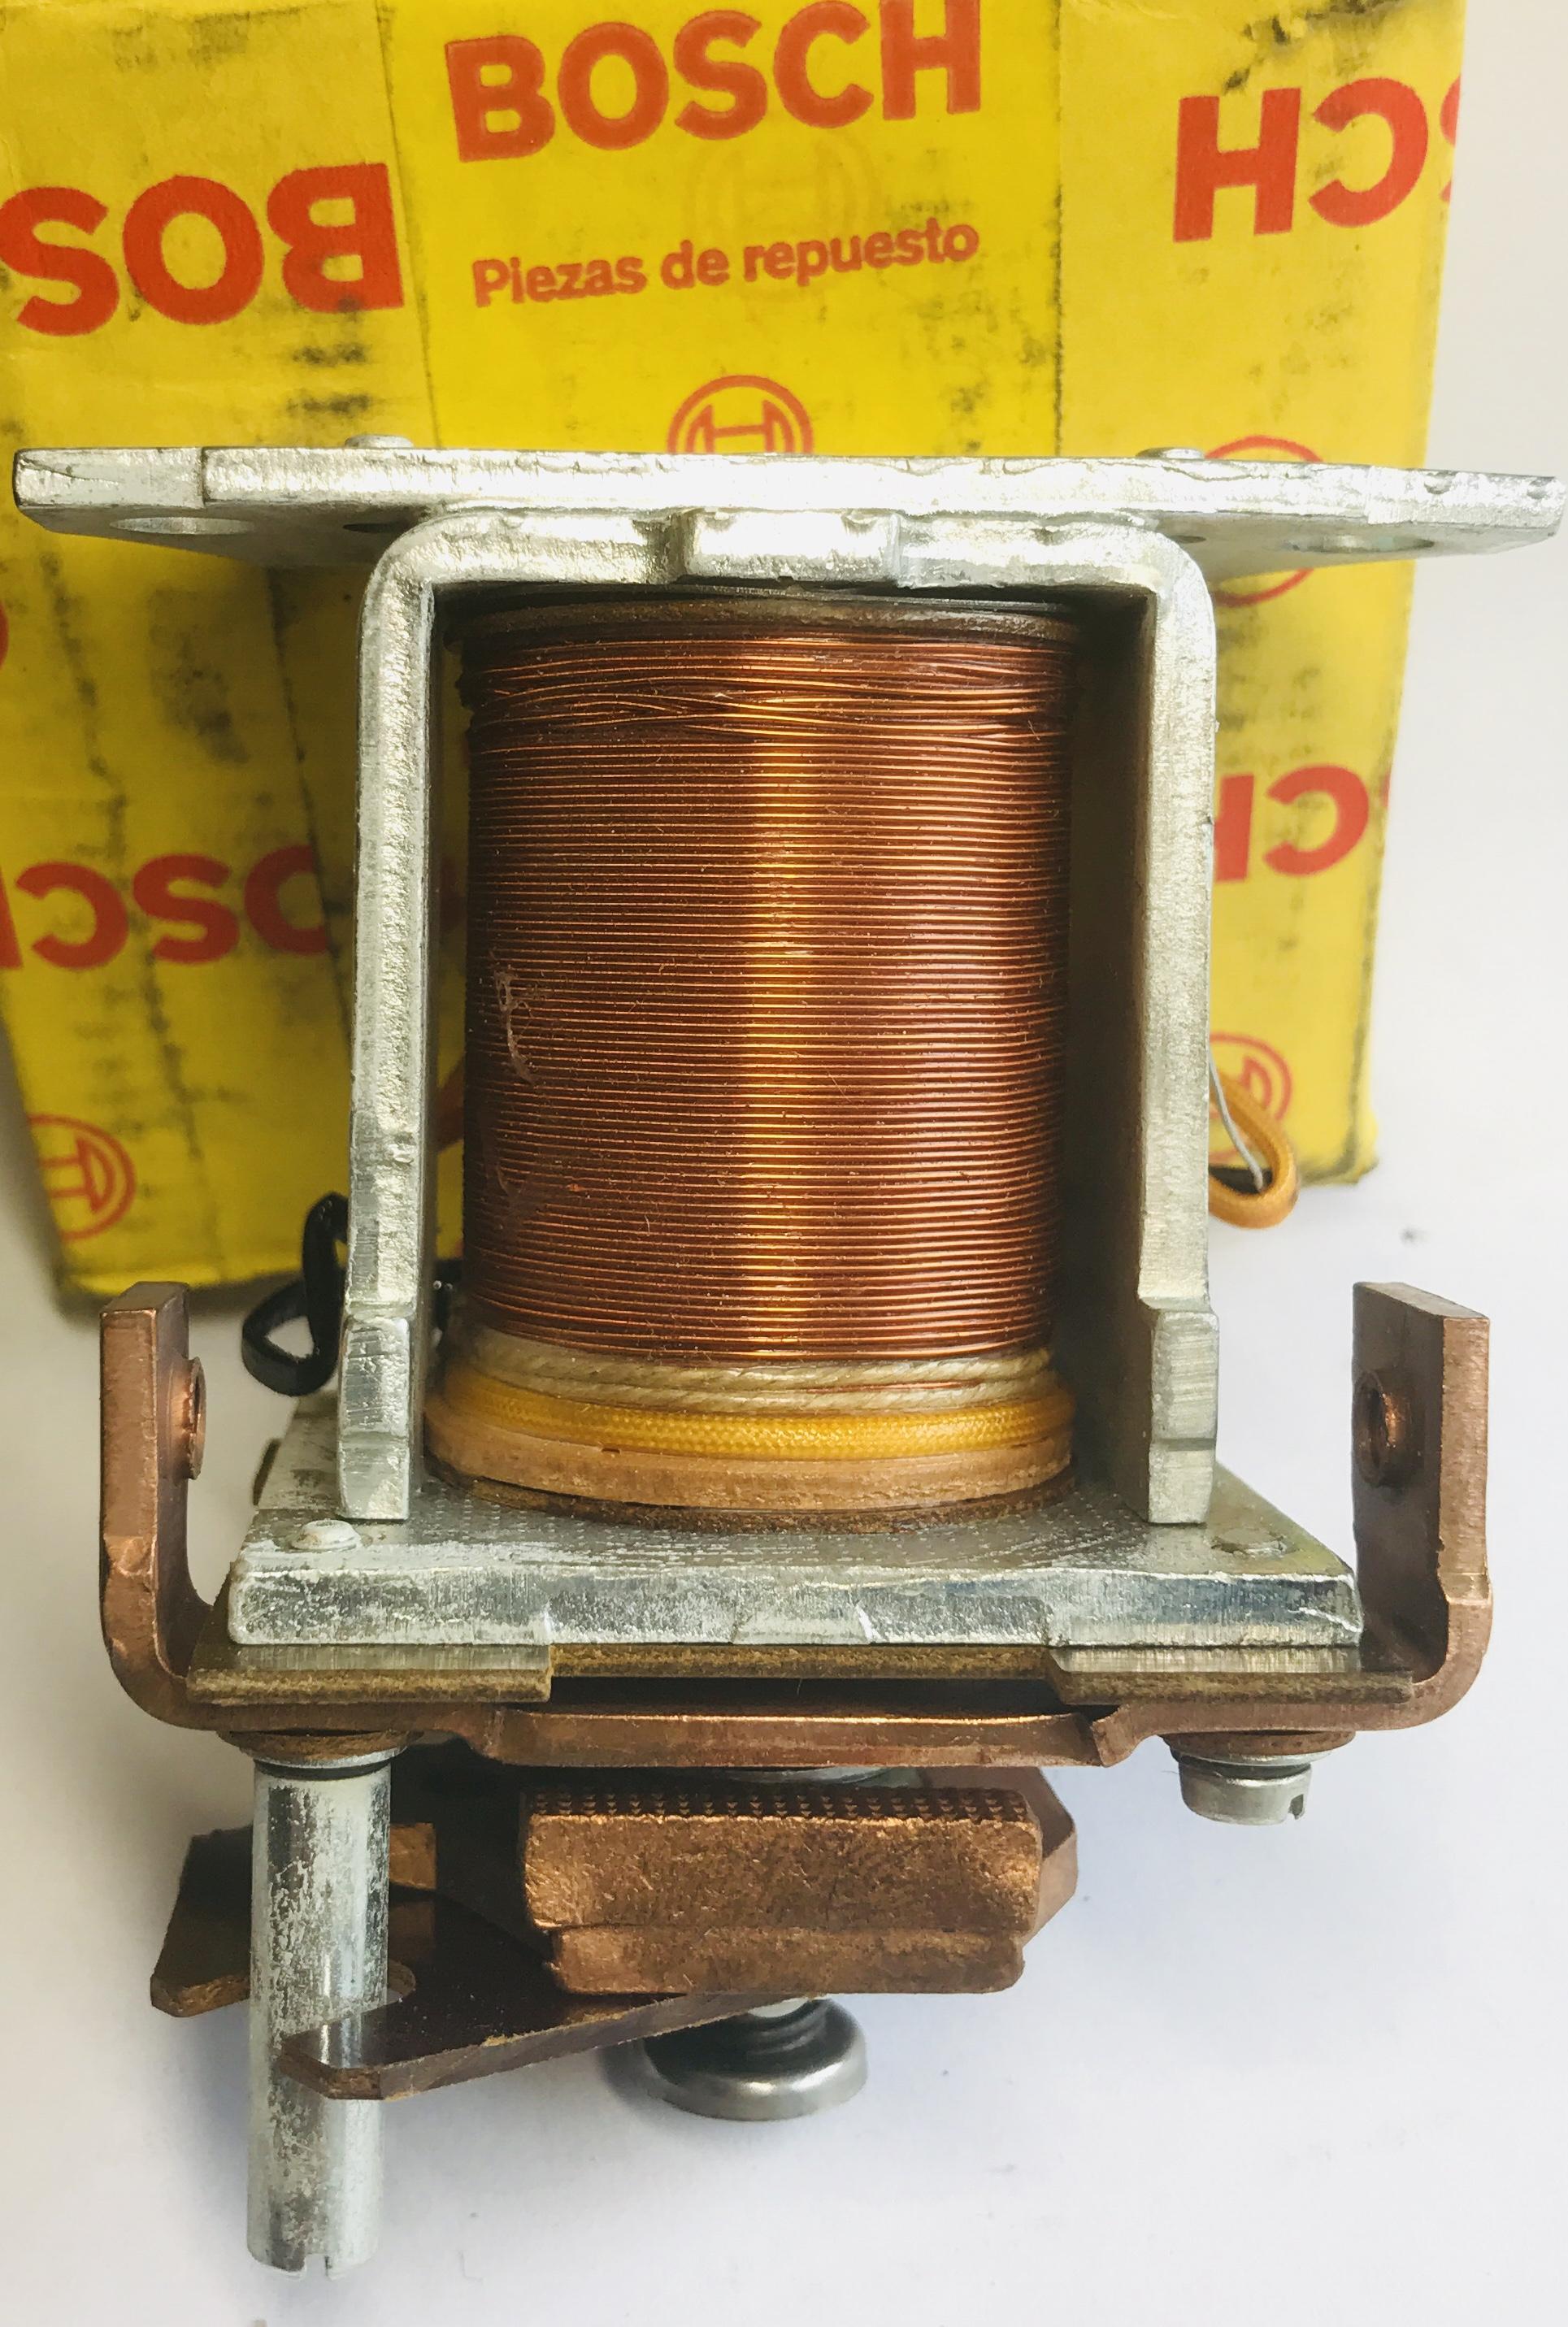 Bosch 0333007002 Relais SHSM6E50Z 2,3A 24V electromagnetic relay le relais